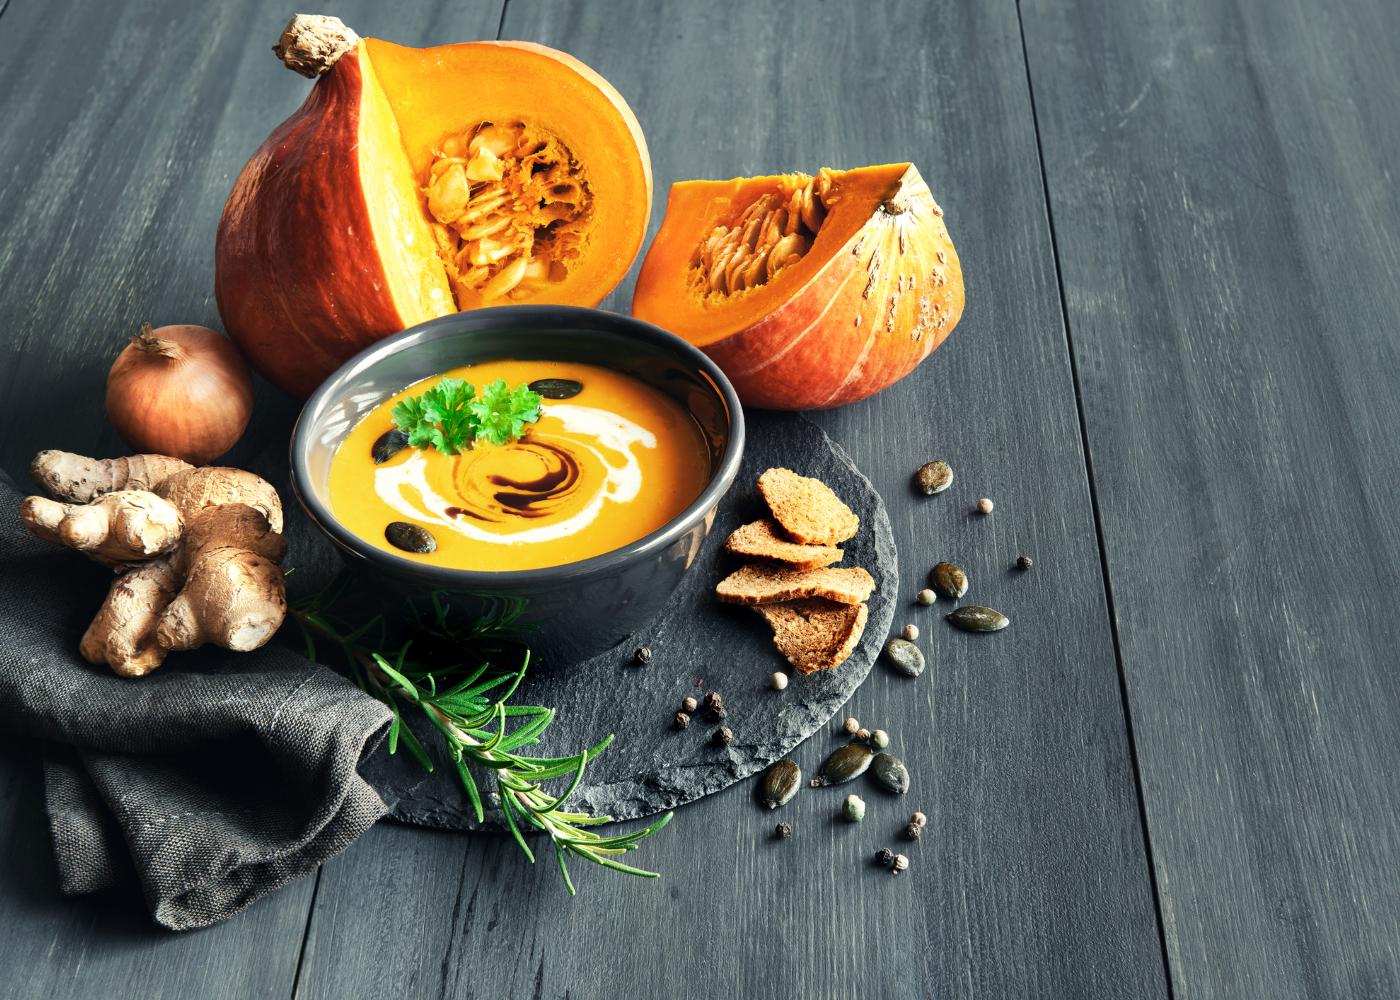 cremes de legumes: 6 deliciosas receitas para o dia-a-dia